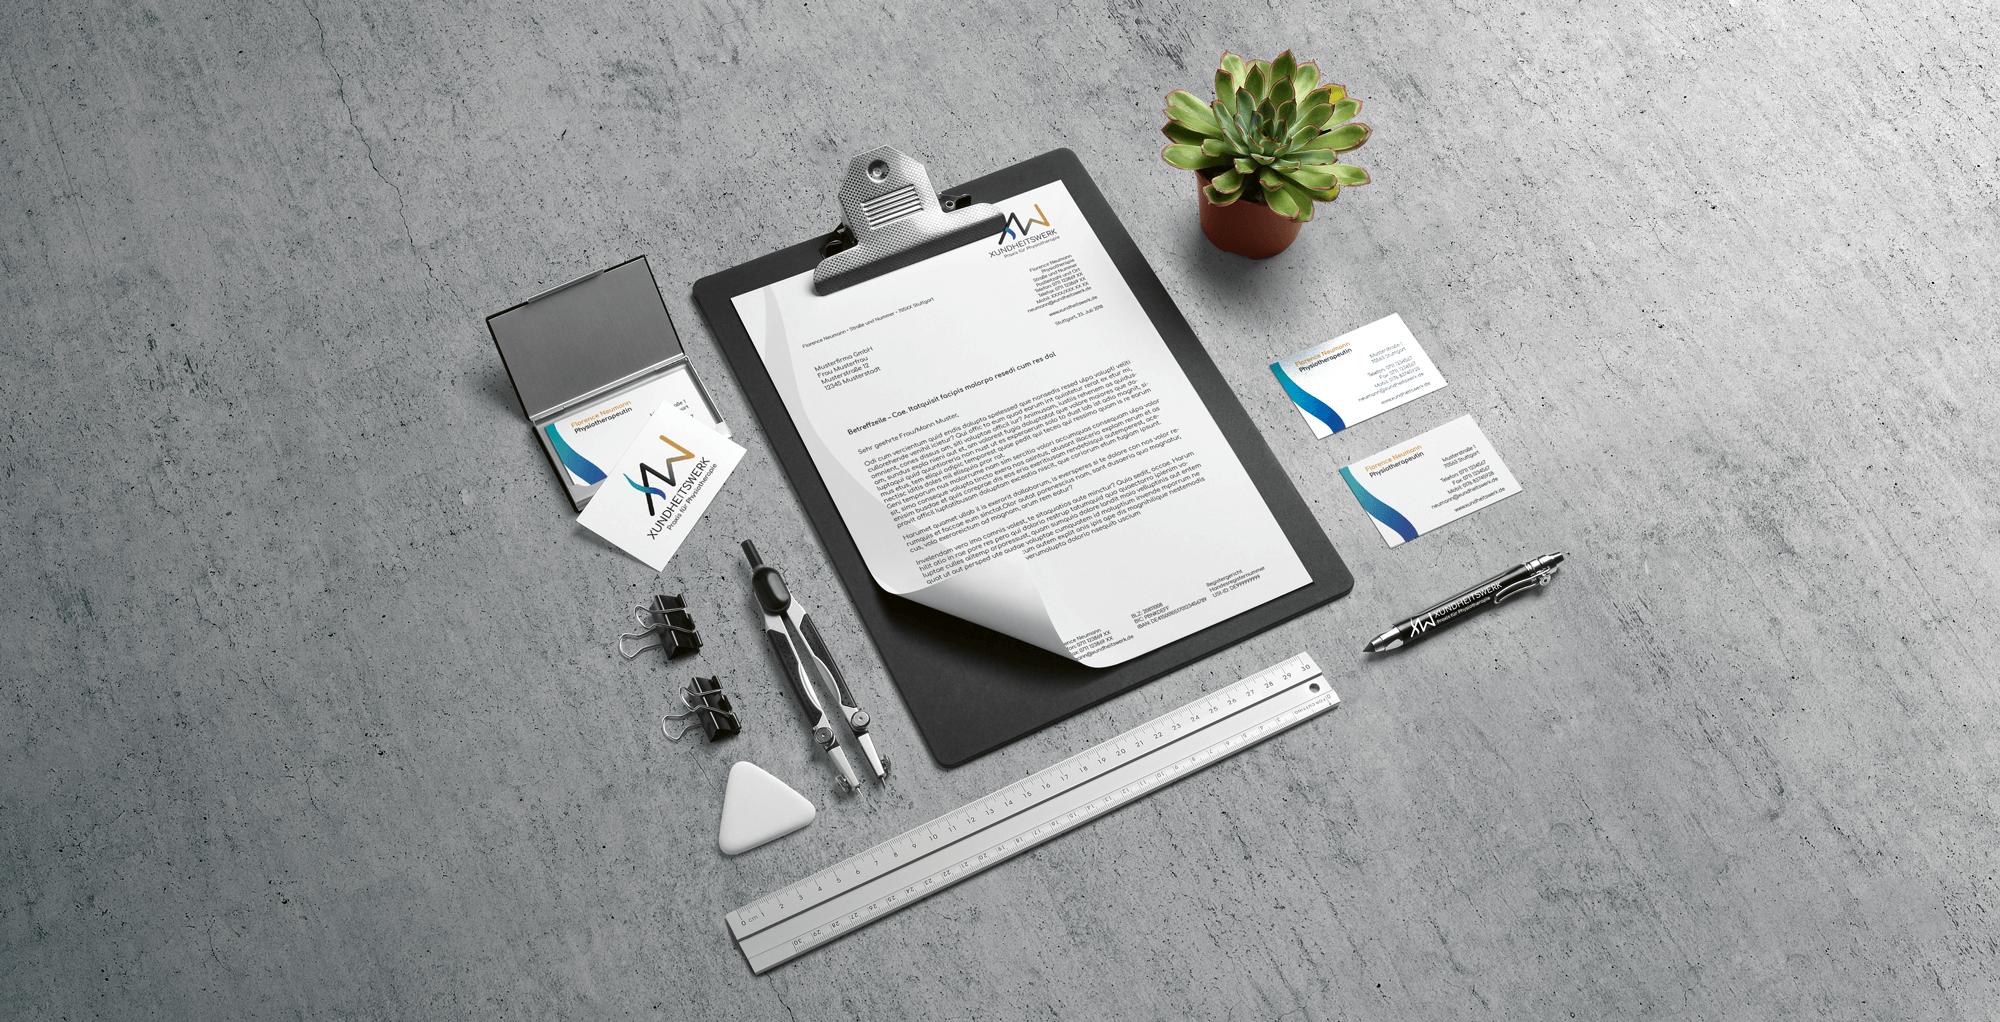 Gestaltungsbeispiel für den Bereich Corporate Design / Briefpapier, Visitenkarten, Logo